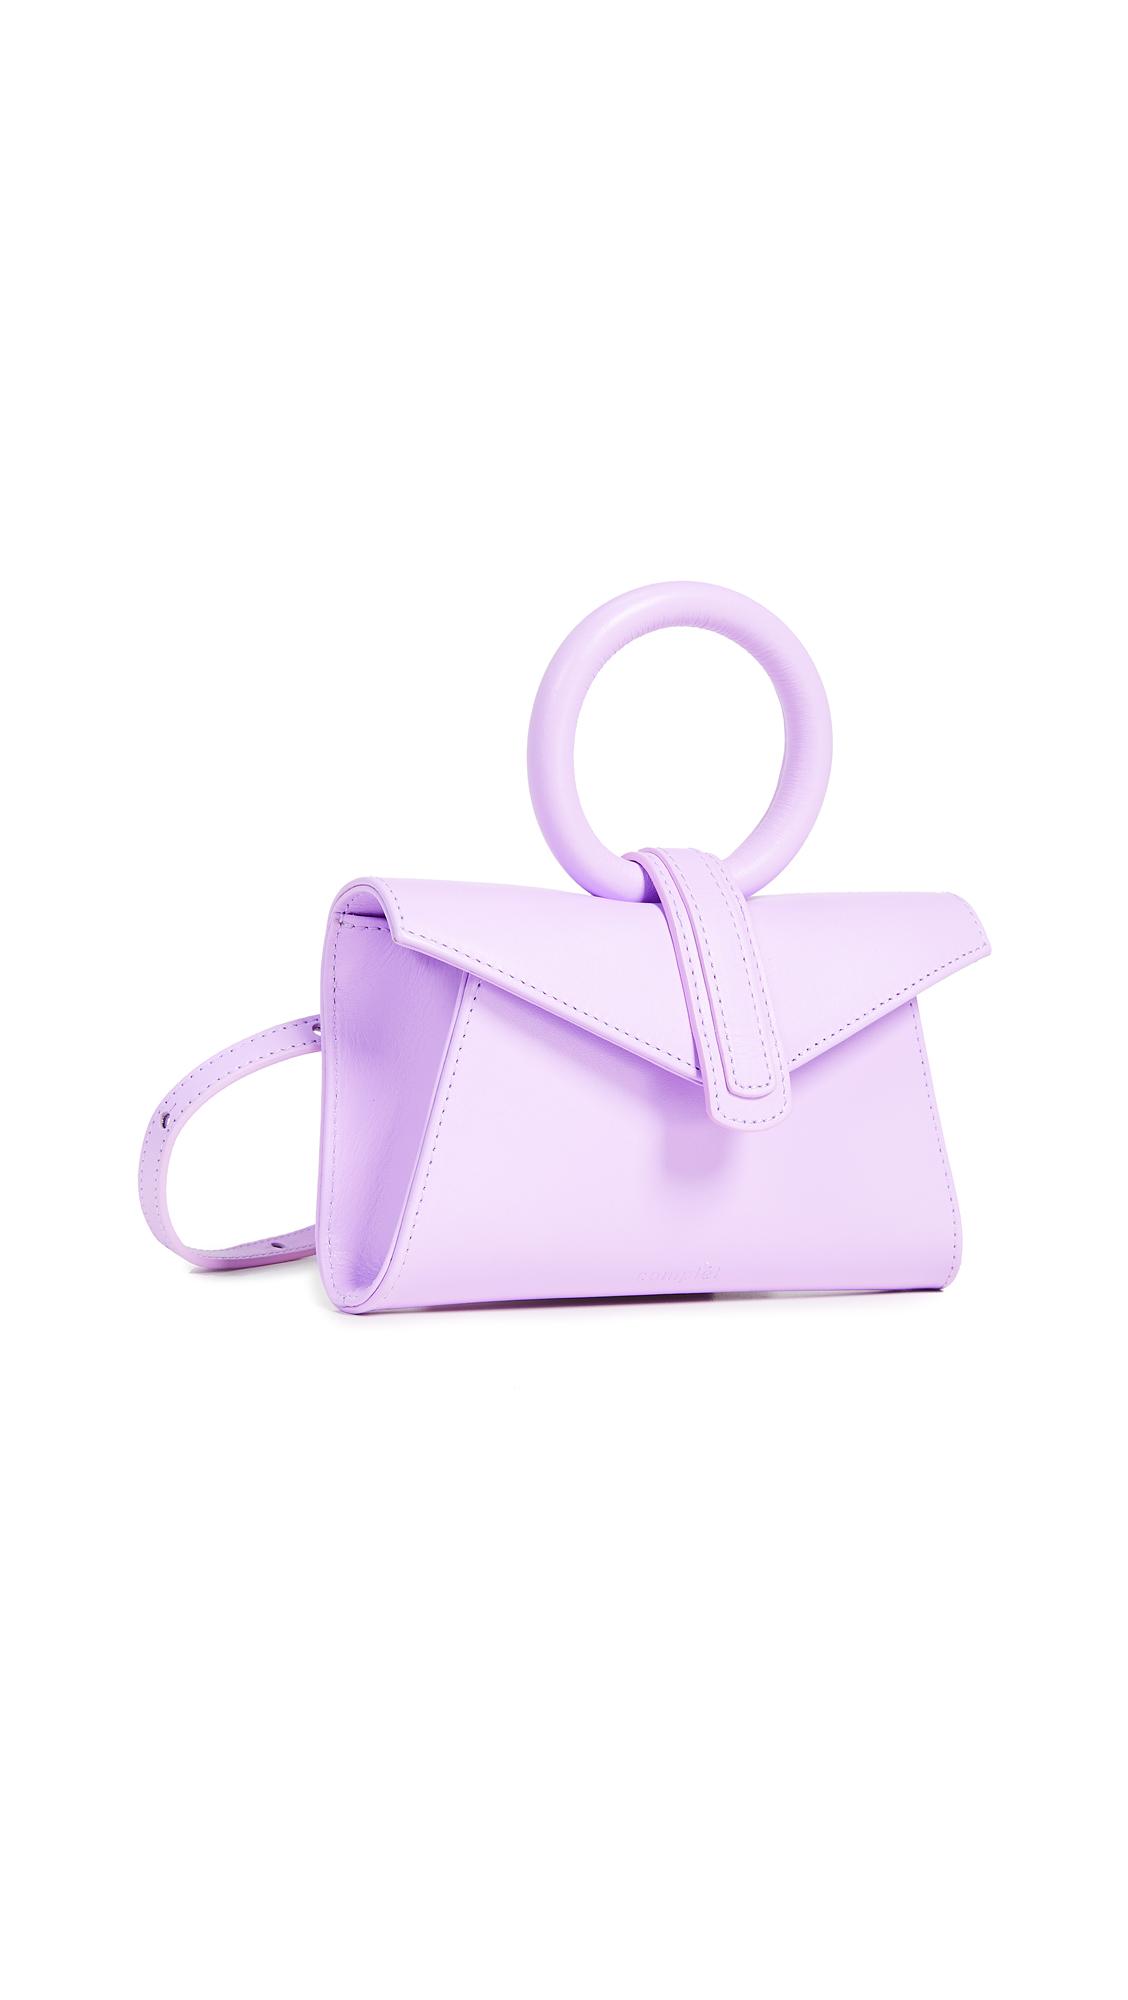 COMPLET Valery Micro Belt Bag in Lavender